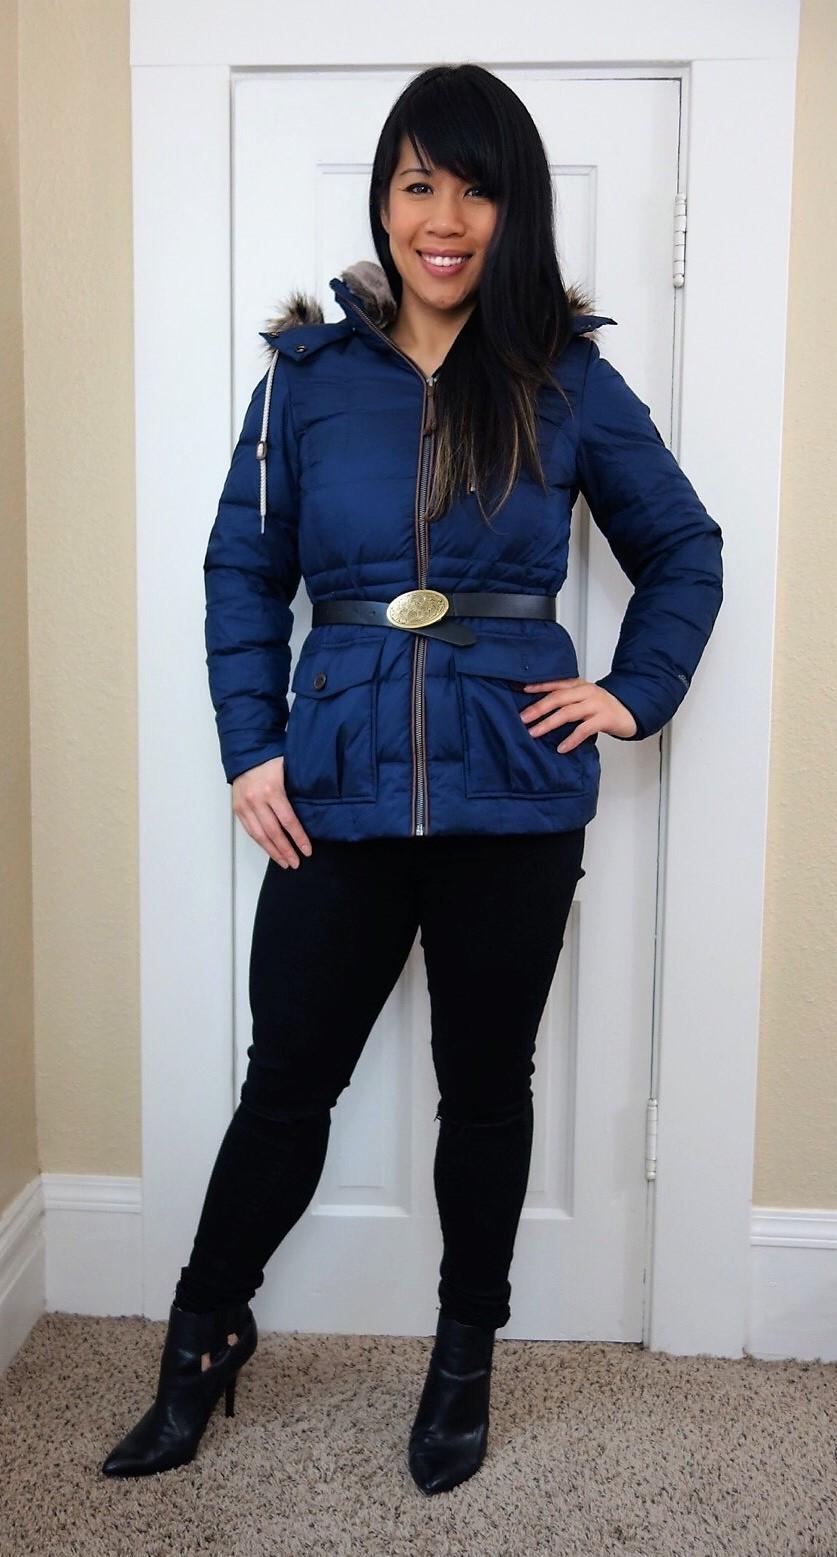 Kat wearing Eddie Bauer down jacket with belt